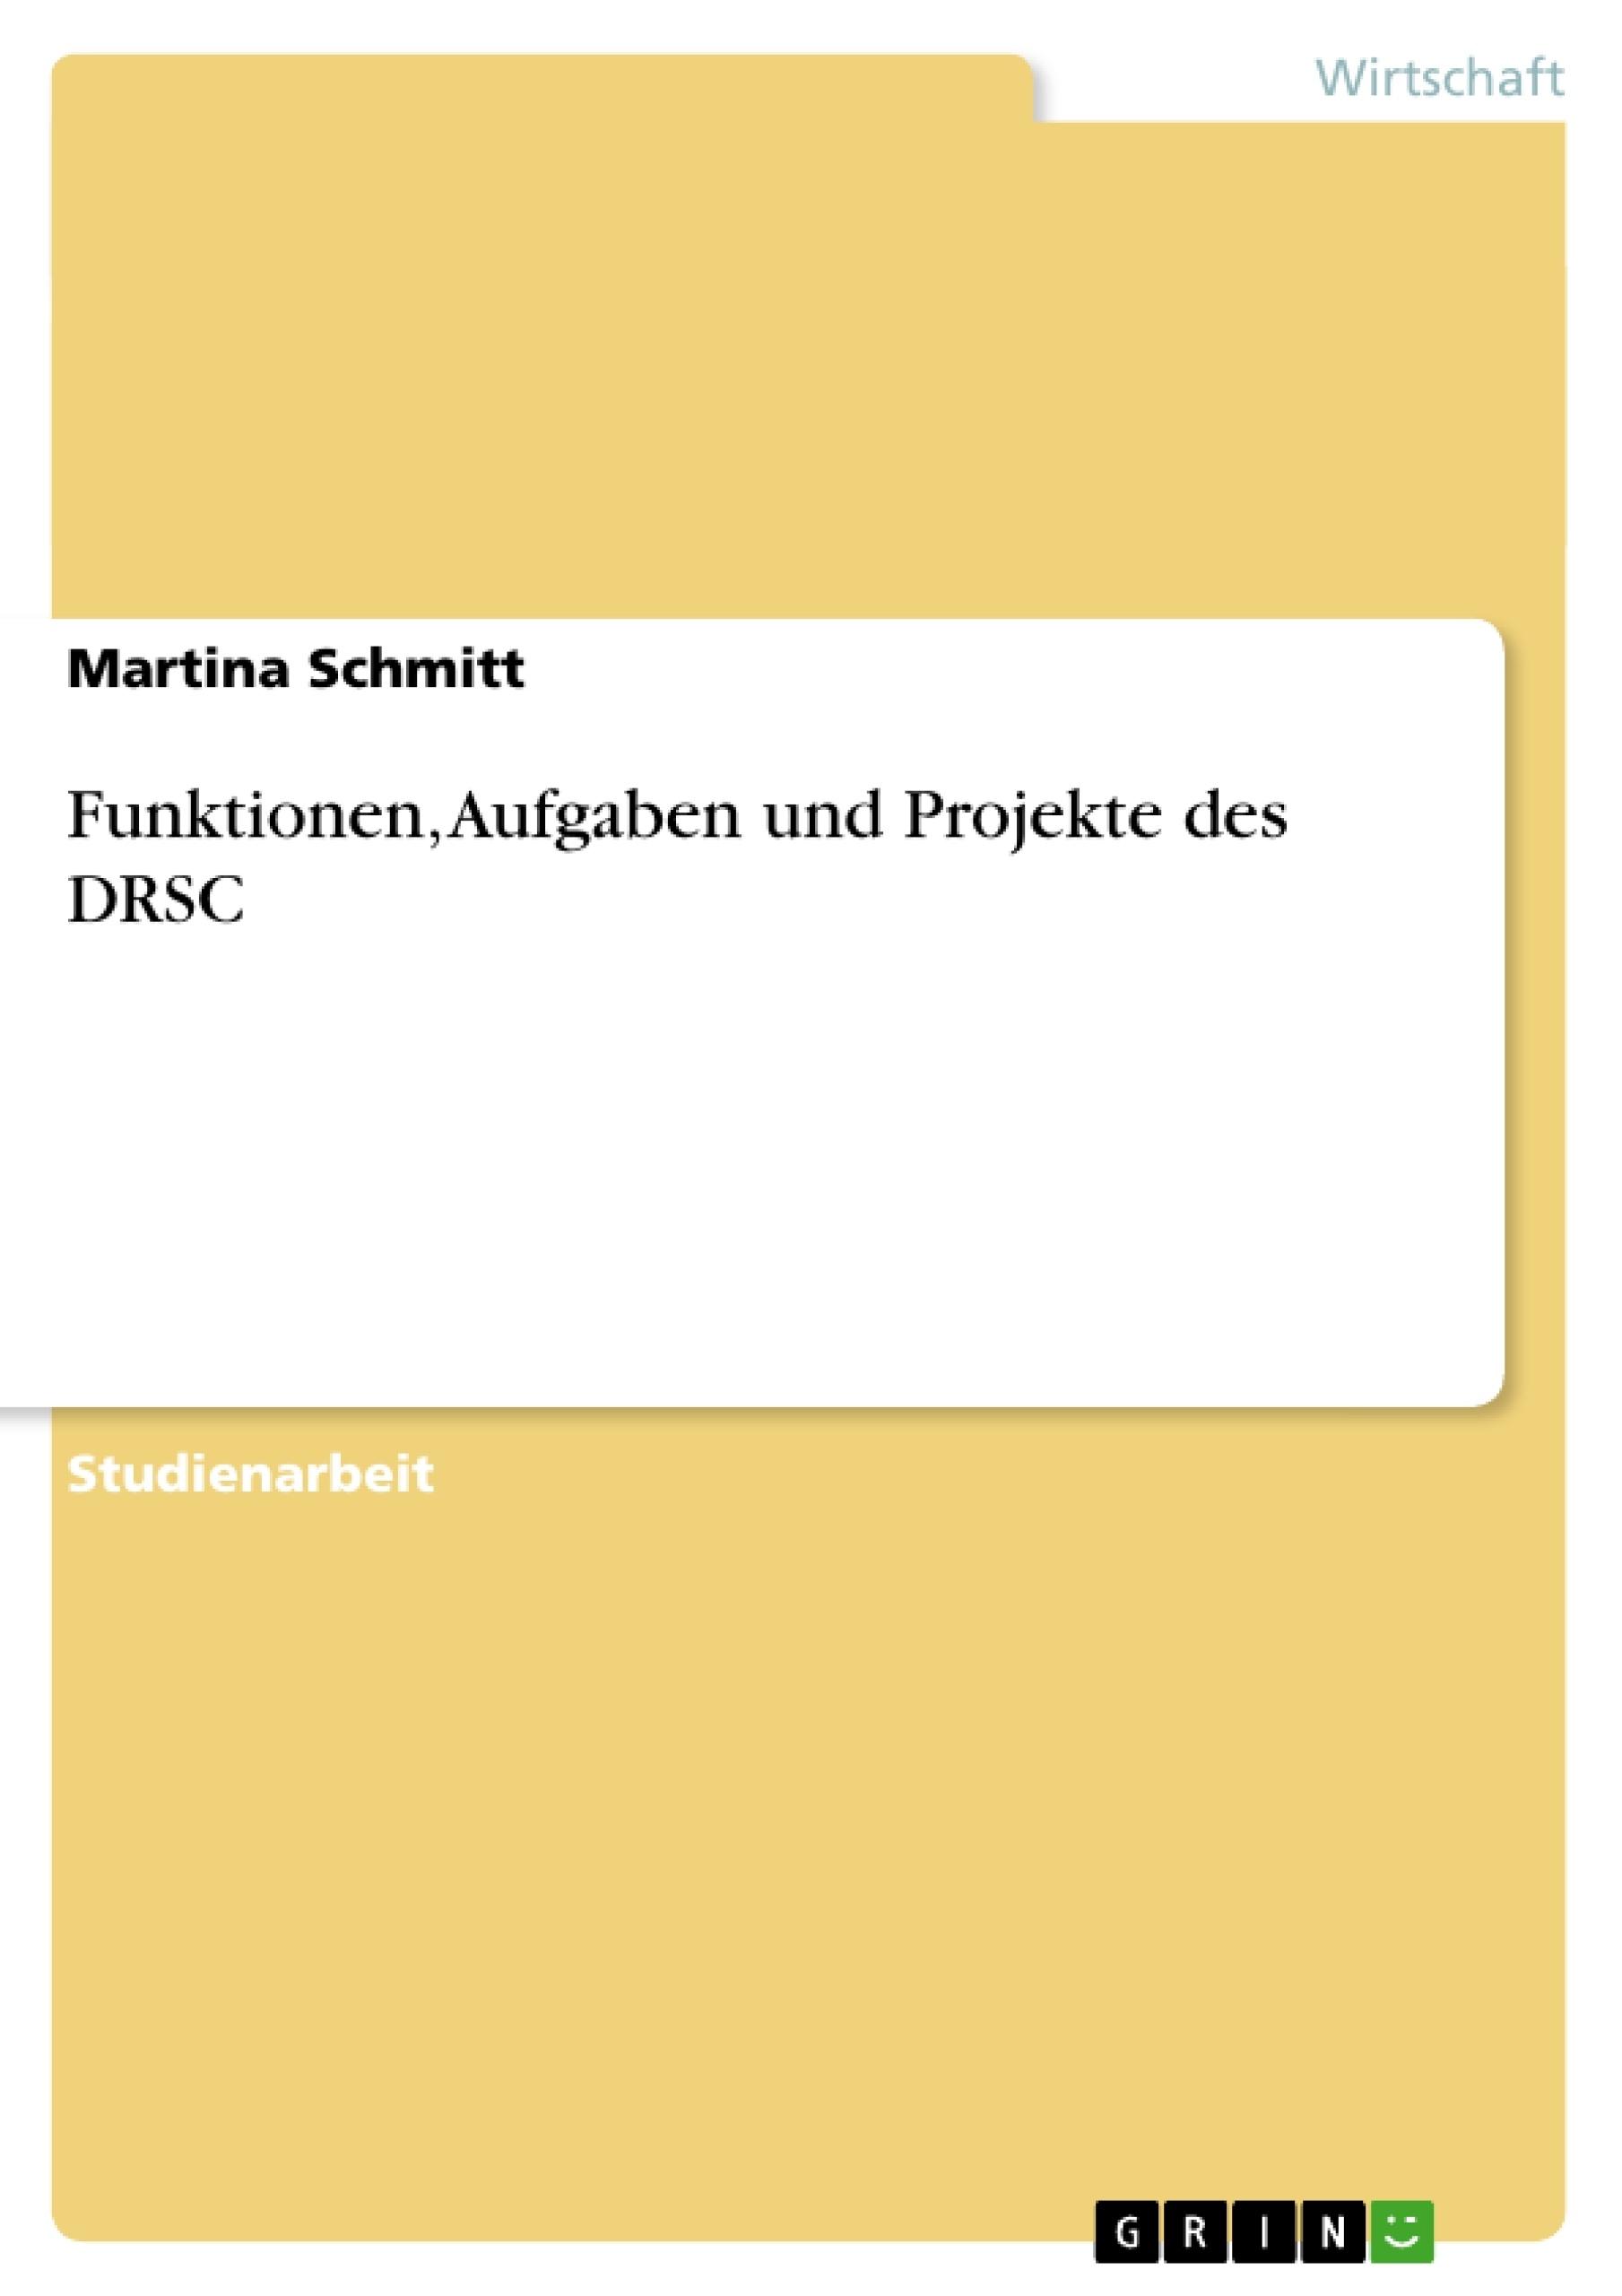 Titel: Funktionen, Aufgaben und Projekte des DRSC